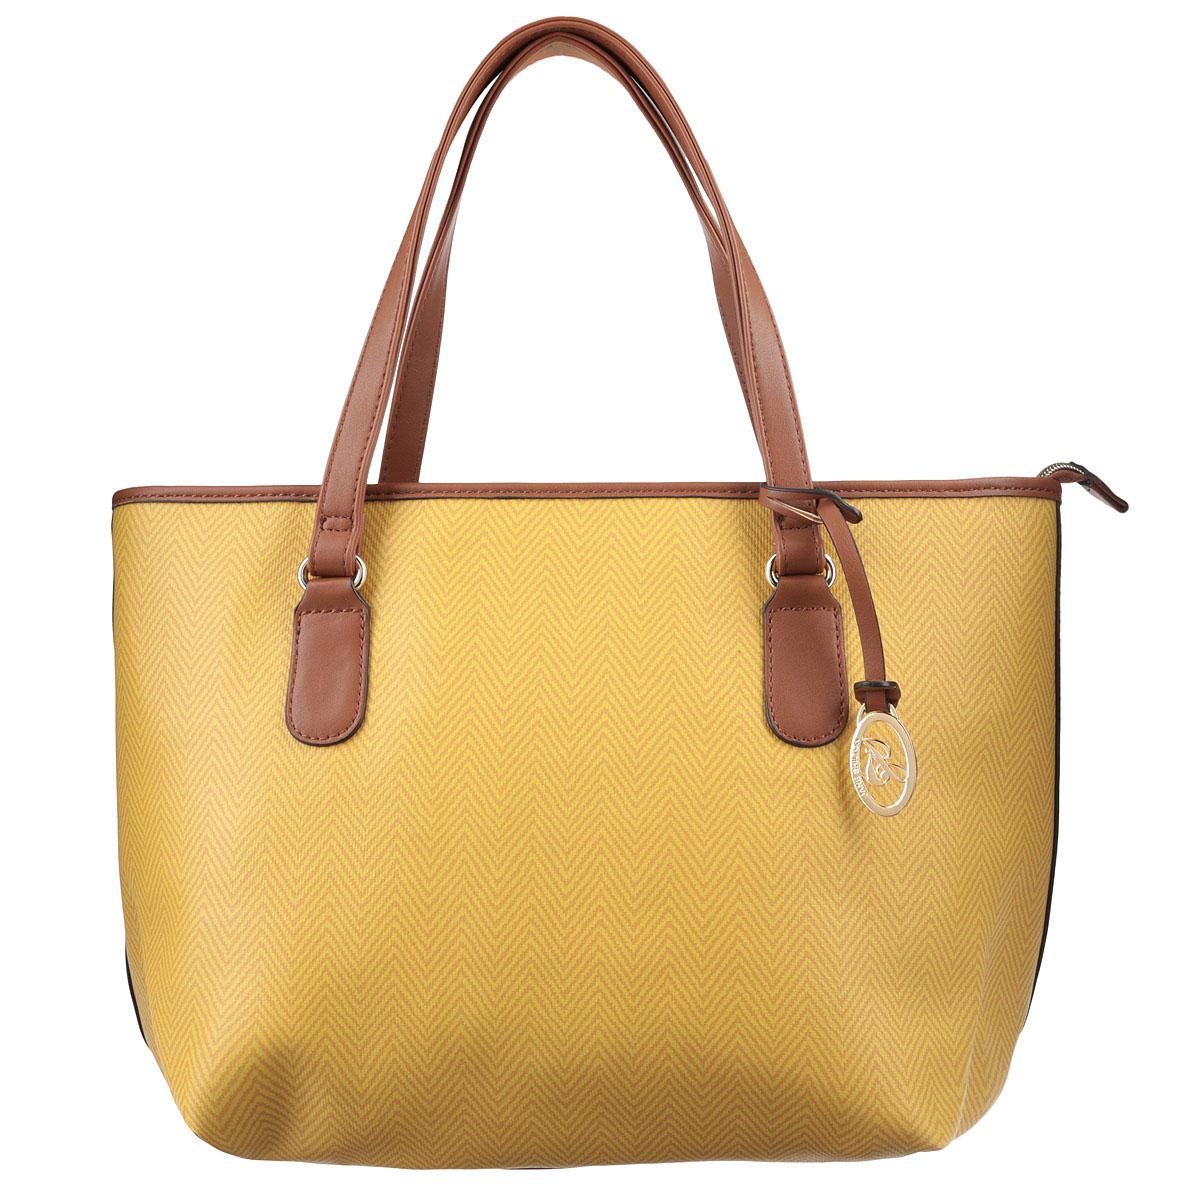 Сумка женская Jane Shilton, цвет: желтый, коричневый. 17171717yellowОригинальная женская сумка Jane Shilton изготовлена из искусственной кожи и оформлена ярким орнаментом и подвеской с изображением логотипа бренда. Изделие содержит одно главное отделение, закрывающееся на застежку-молнию, внутри которого расположены: накладной карман для телефона, вшитый карман на молнии и карман-средник на молнии. Снаружи, в задней стенке сумки, размещен вшитый карман на молнии. Сумка дополнена двумя практичными ручками, которые позволят носить ее как в руках, так и на плече. Такая сумка прекрасно дополнит ваш образ.